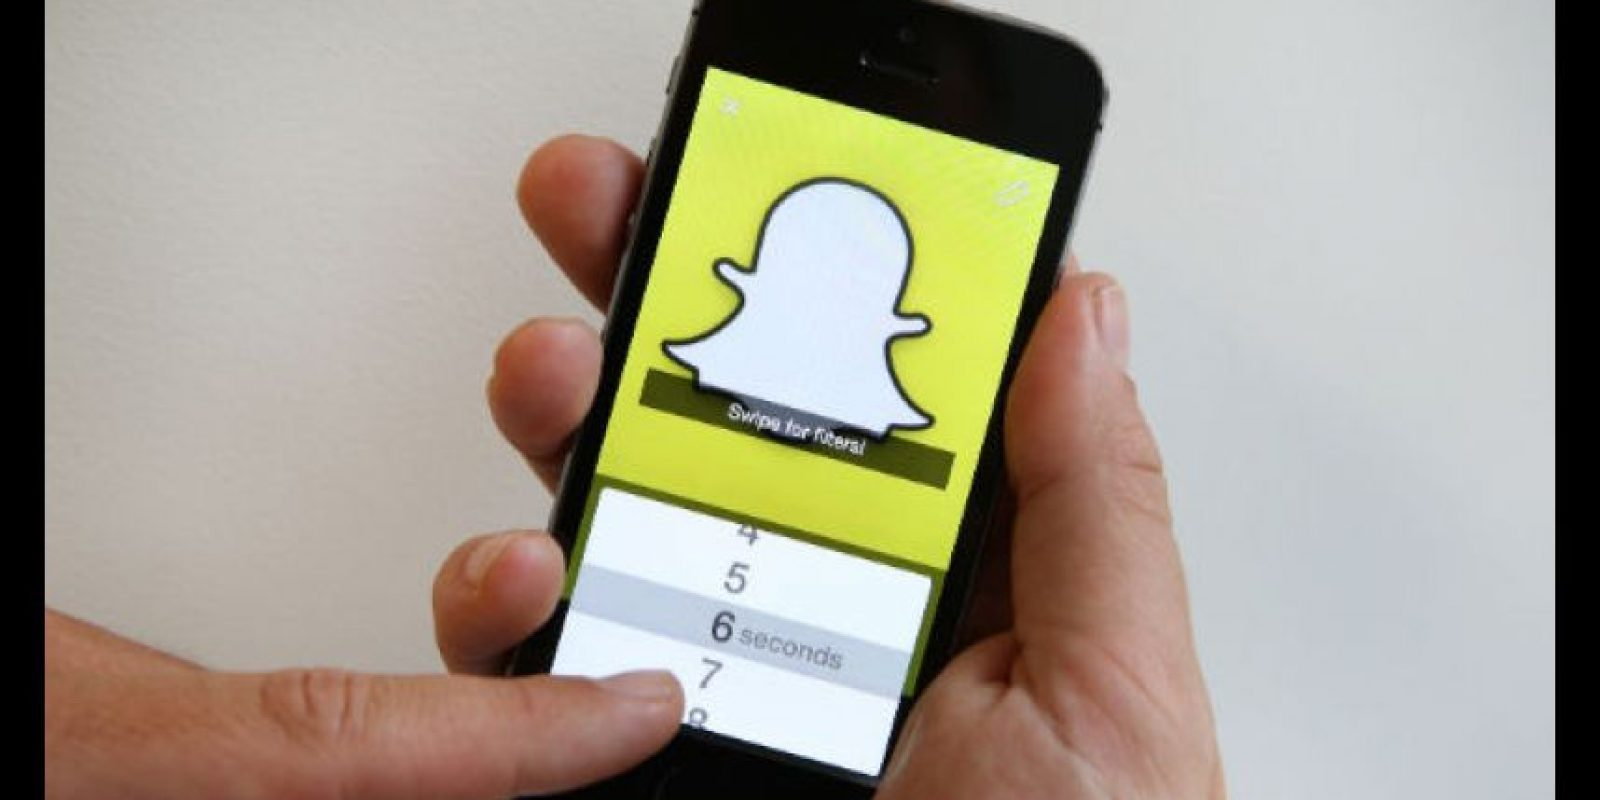 Snapchat ofrece compartir fotos y charlas mucho más personales, sin conocer en un principio a la persona. Foto:Getty